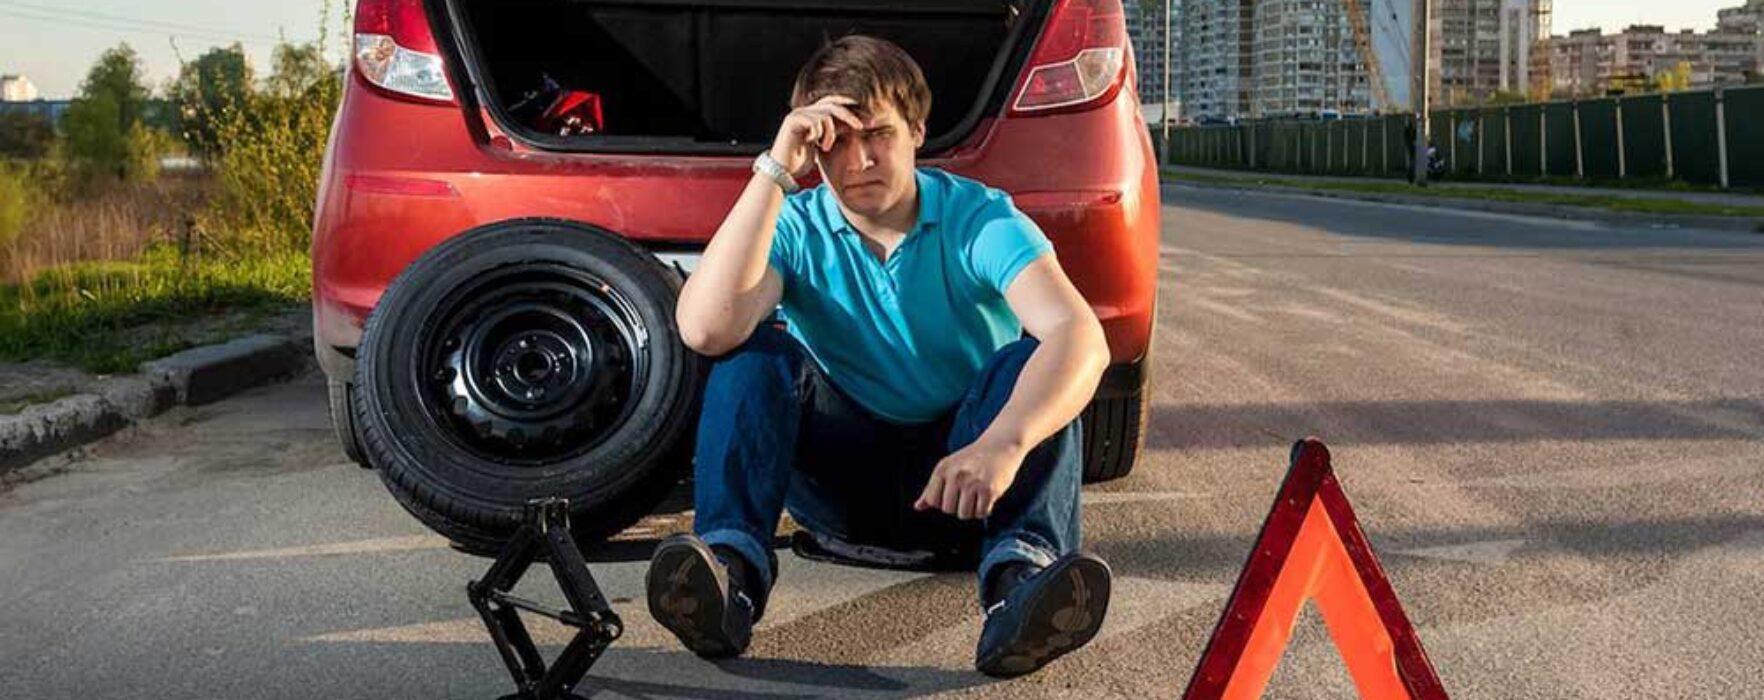 """Dâmboviţa: Poliţiştii atrag atenţia cu privire la metoda """"înţeparea anvelopei"""""""